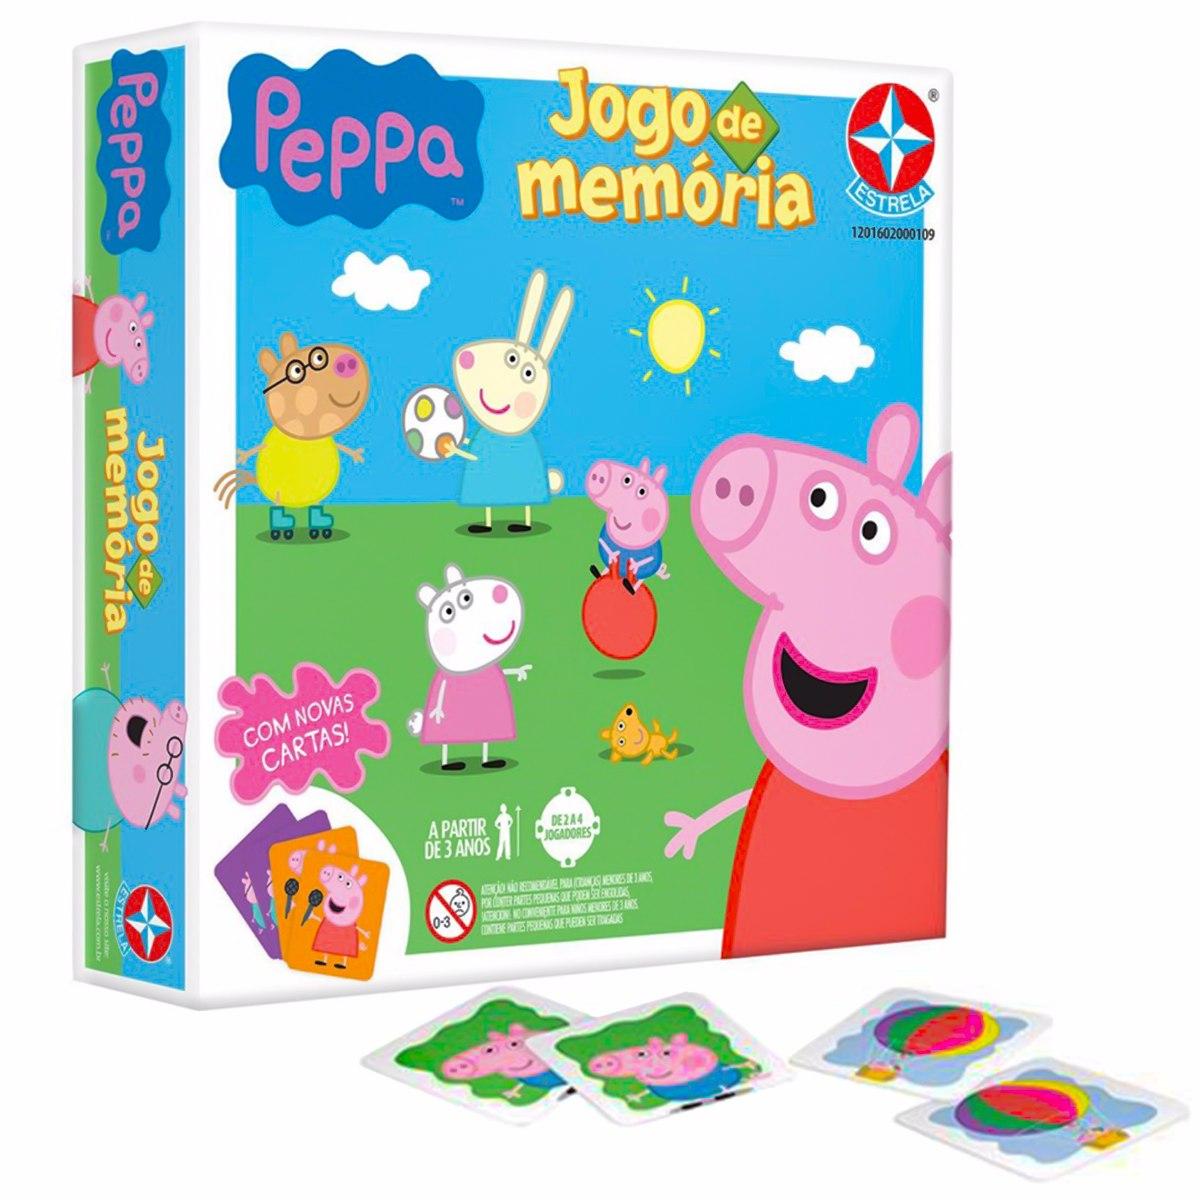 Convite de Aniversário Peppa Pig familia peppa pig